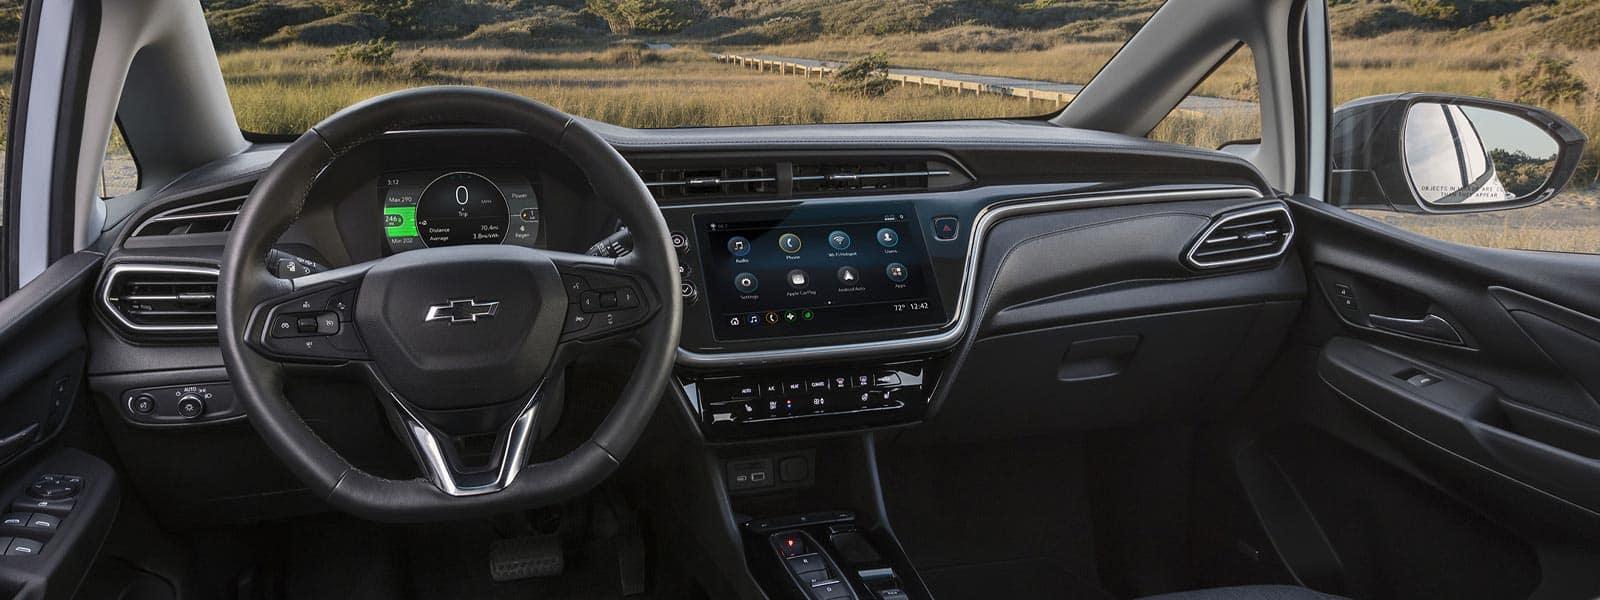 Lease or finance new 2022 Chevrolet Bolt EV in Woodbridge Ontario